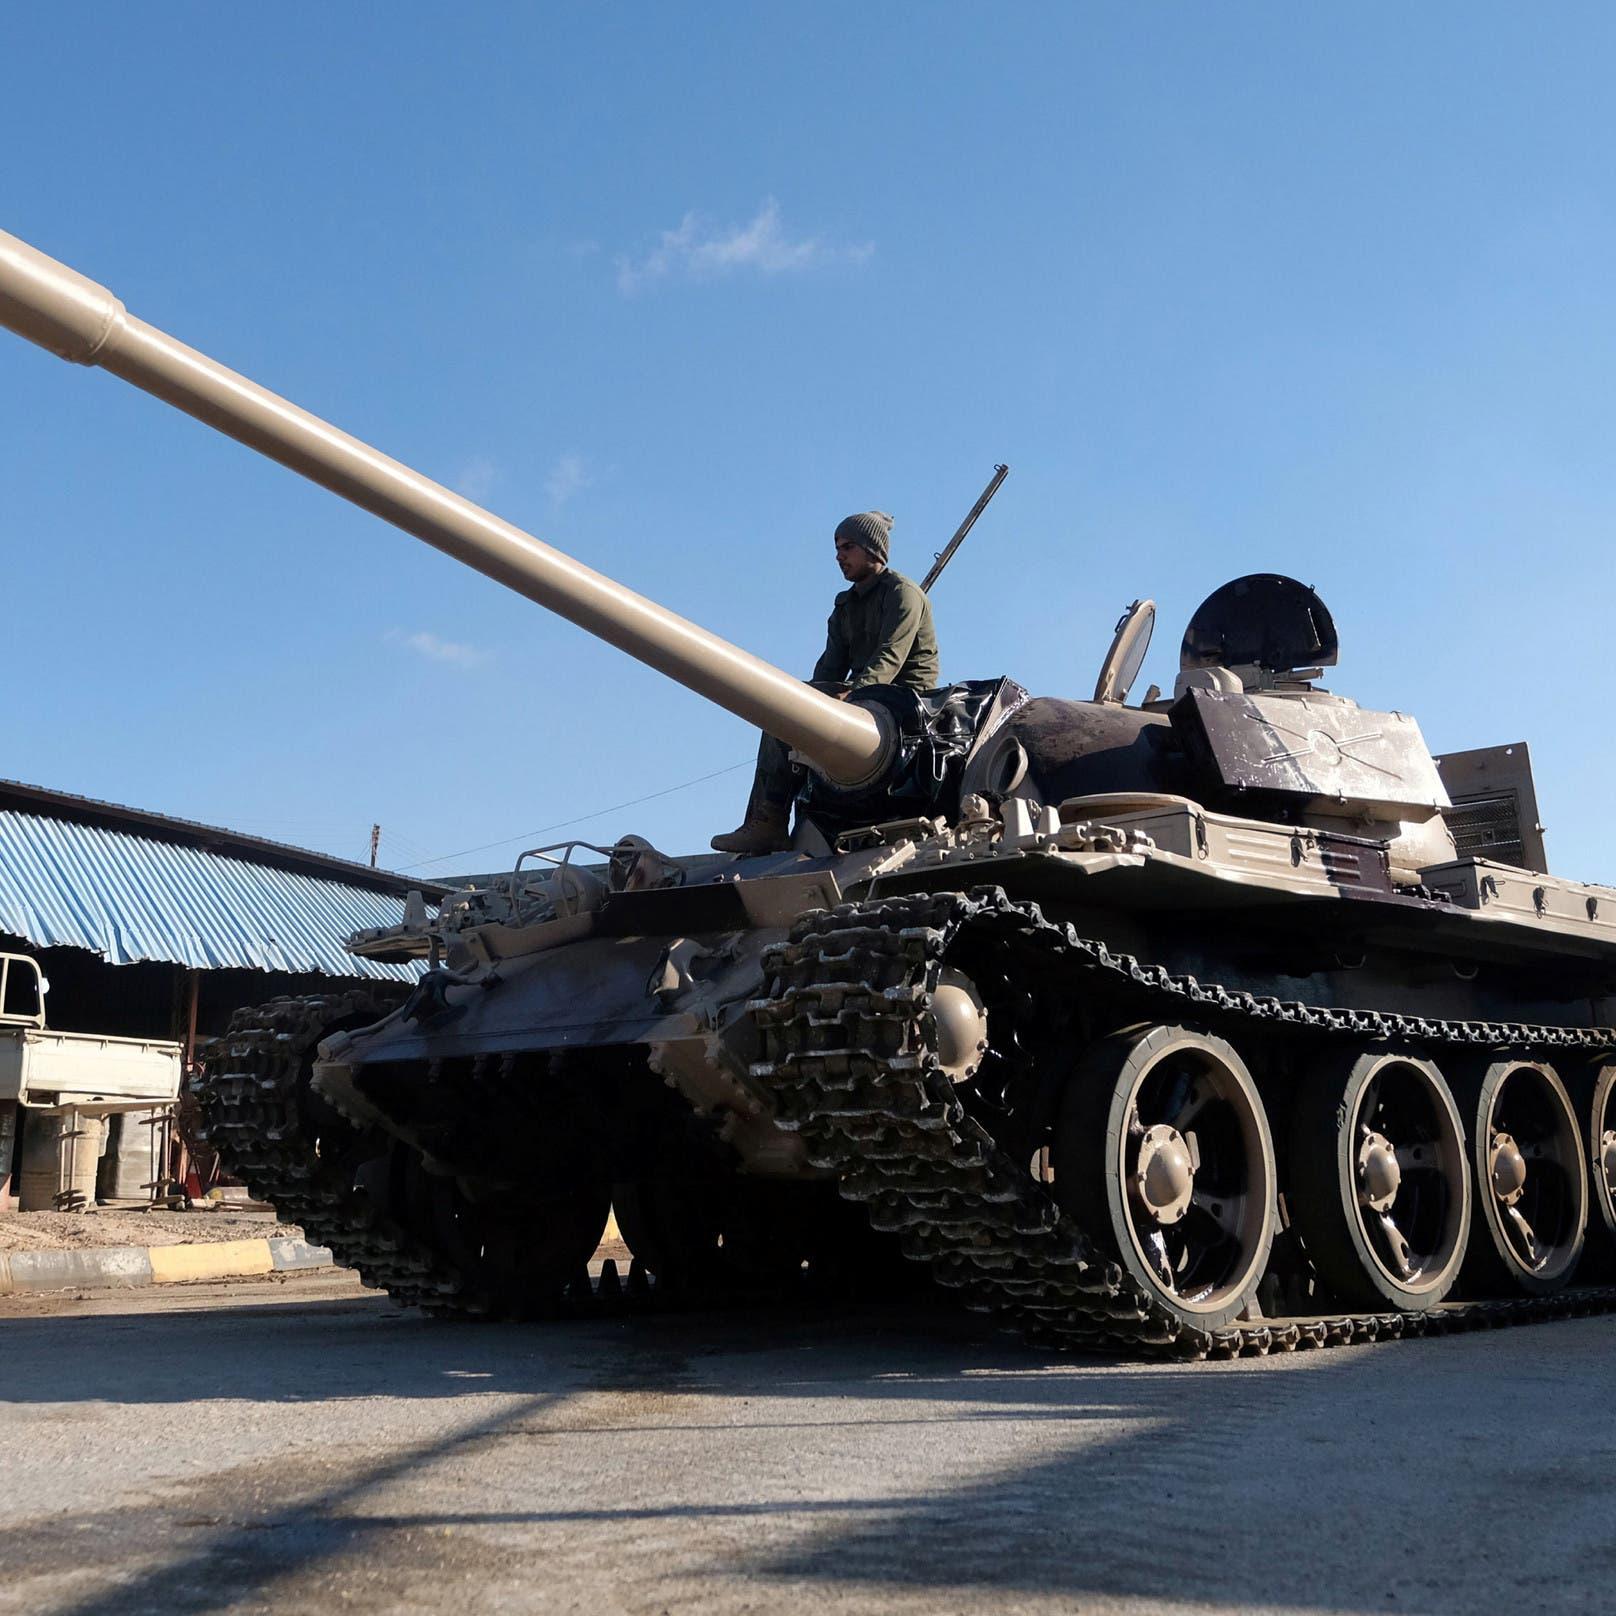 الجيش الليبي: نتقدم صوب طرابلس ونفذنا غارات على